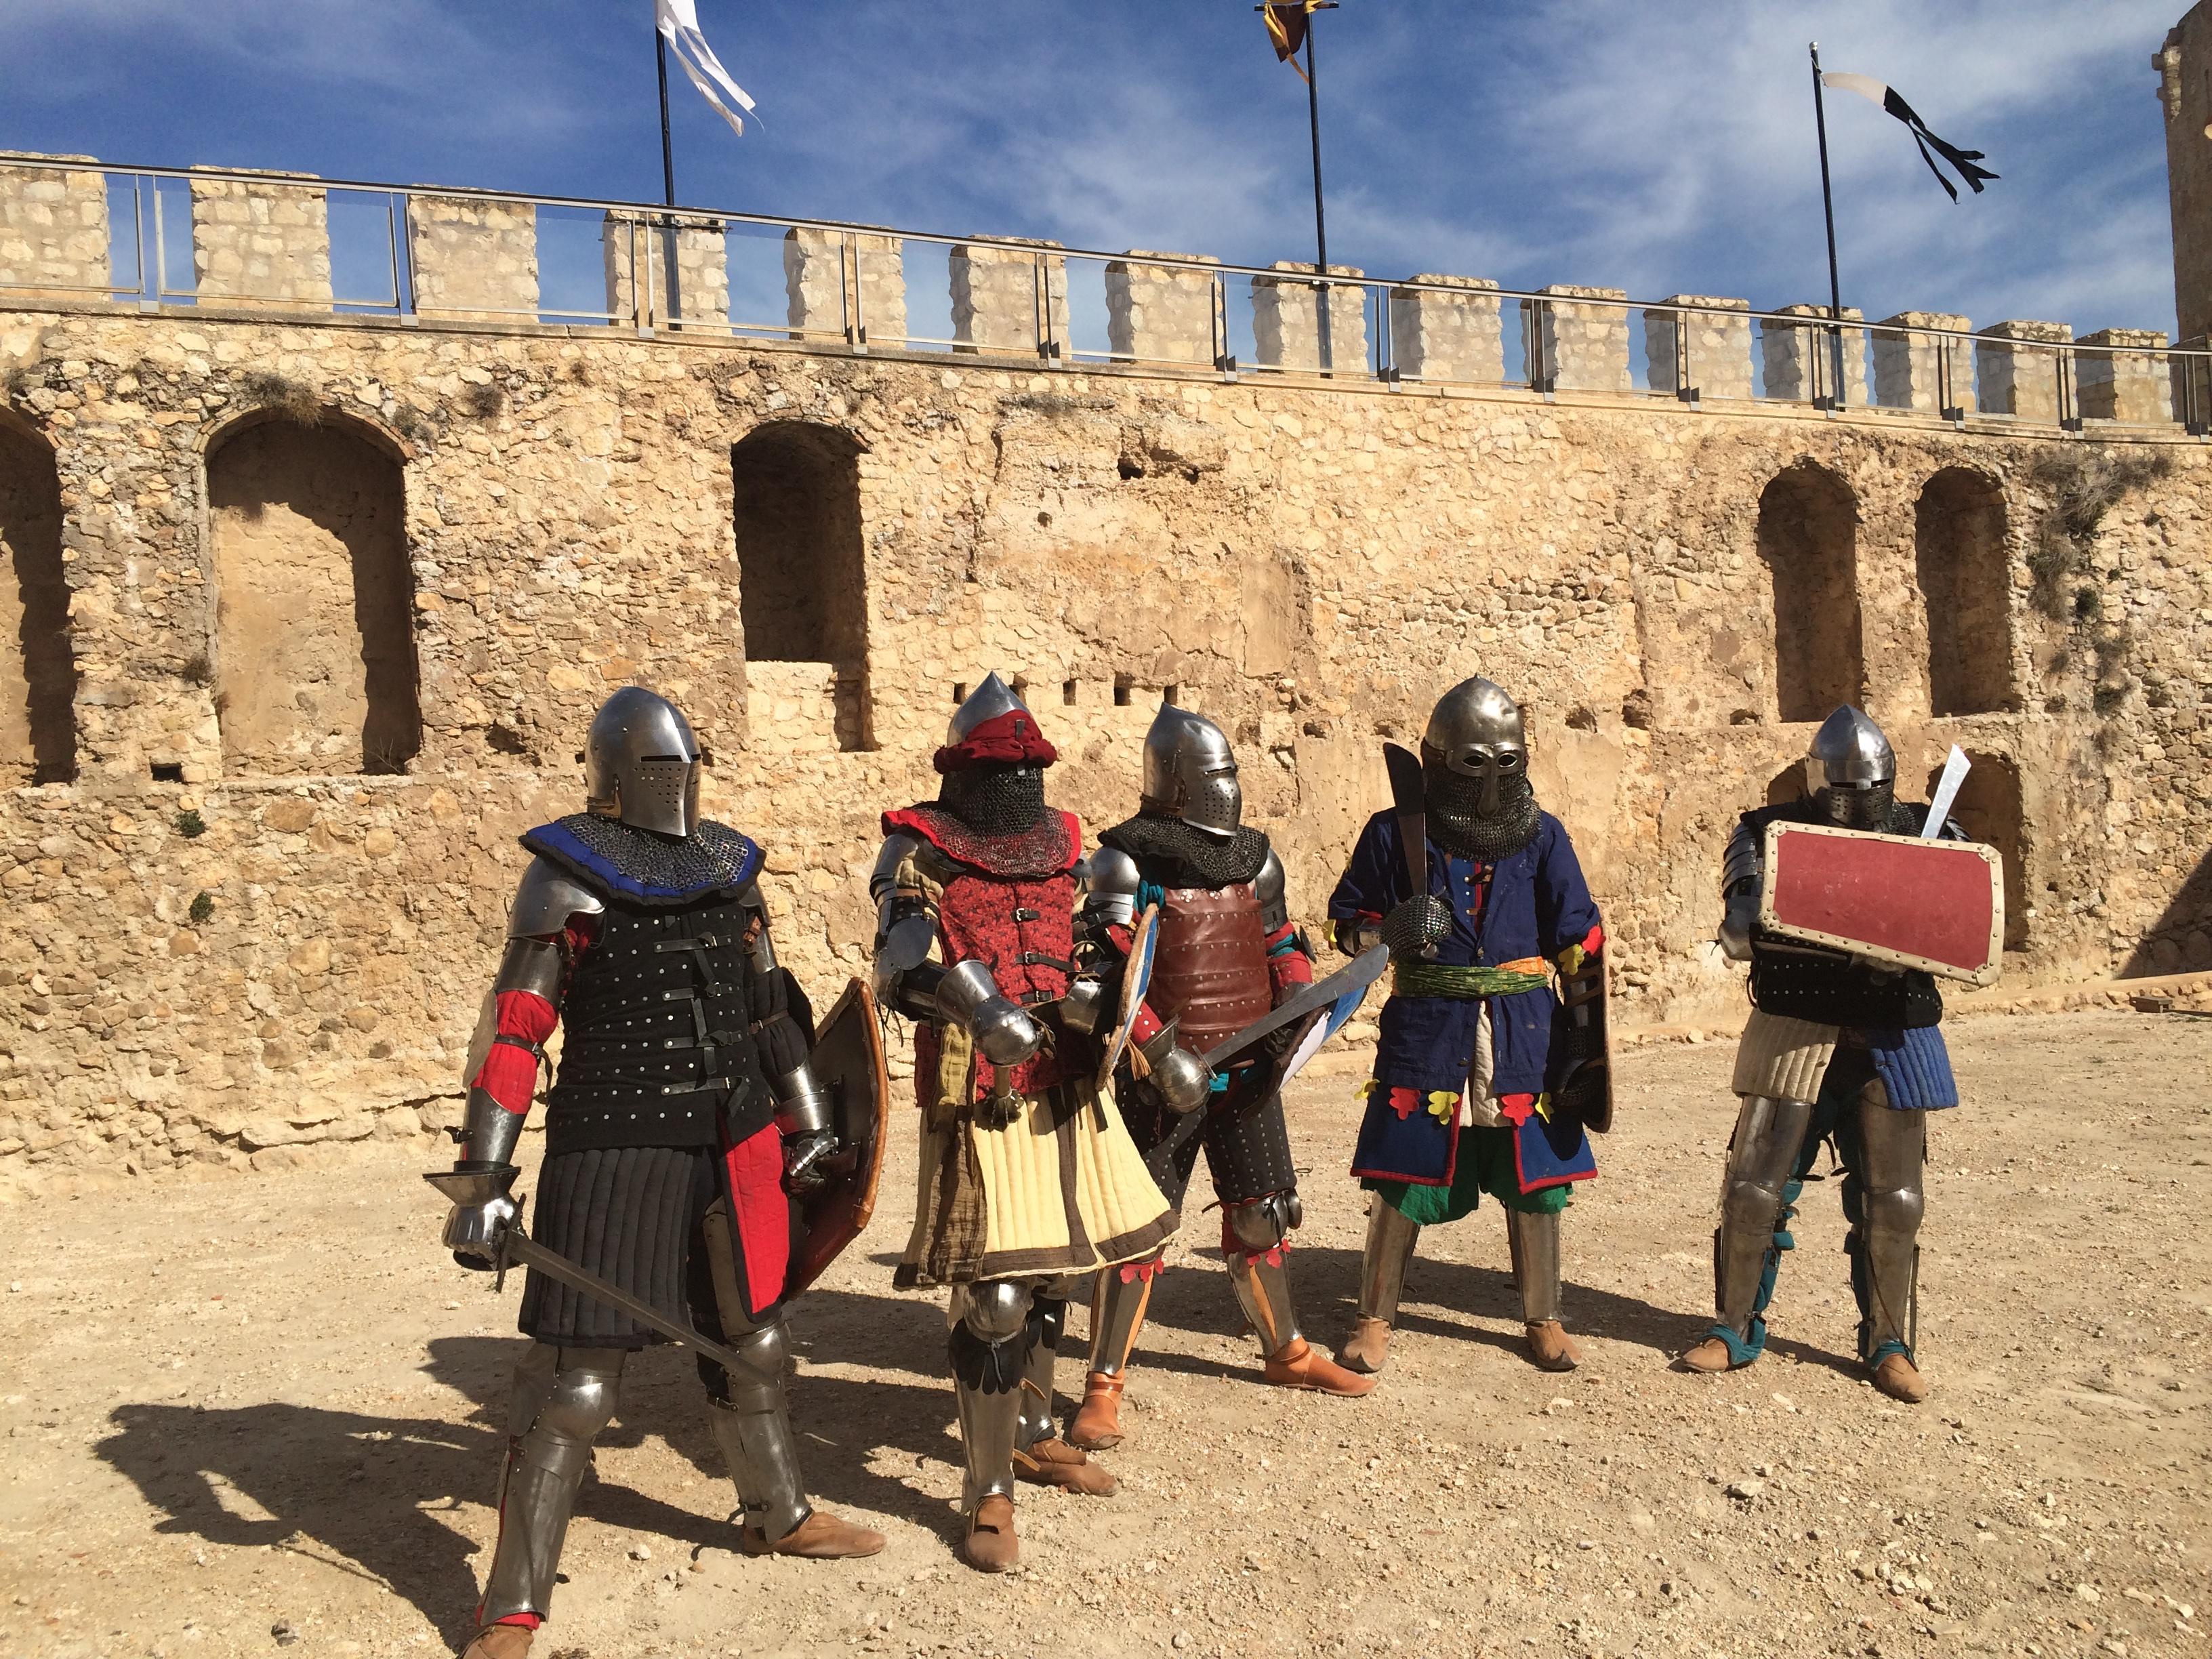 Mittelalter-Fest von Villena (Spanien), ein magisches Erlebnis für die gesamte Familie, Mario Schumacher Blog